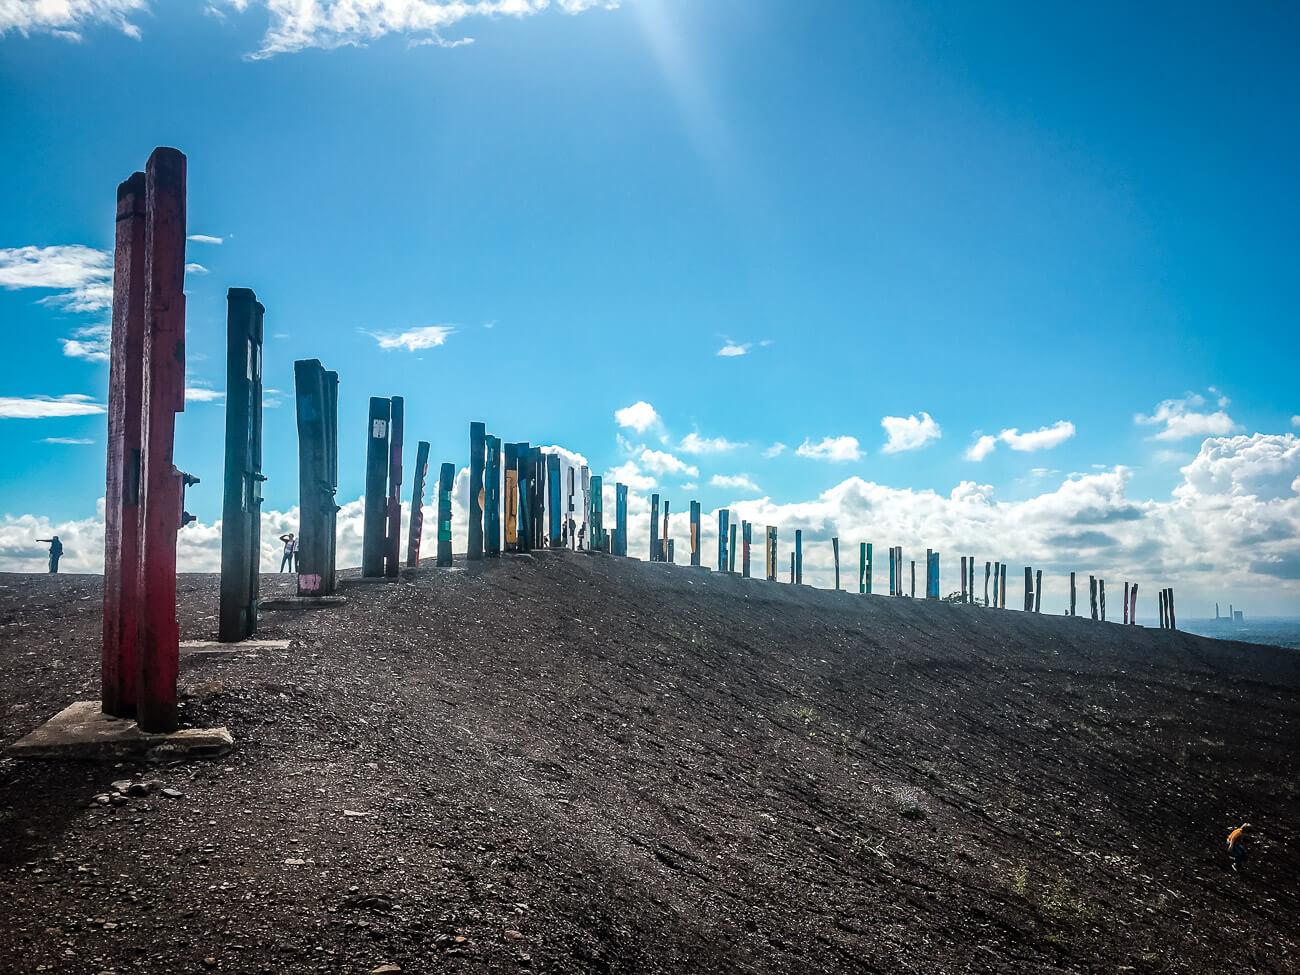 Bunte Totempfähle auf der Halde Haniel in Bottrop